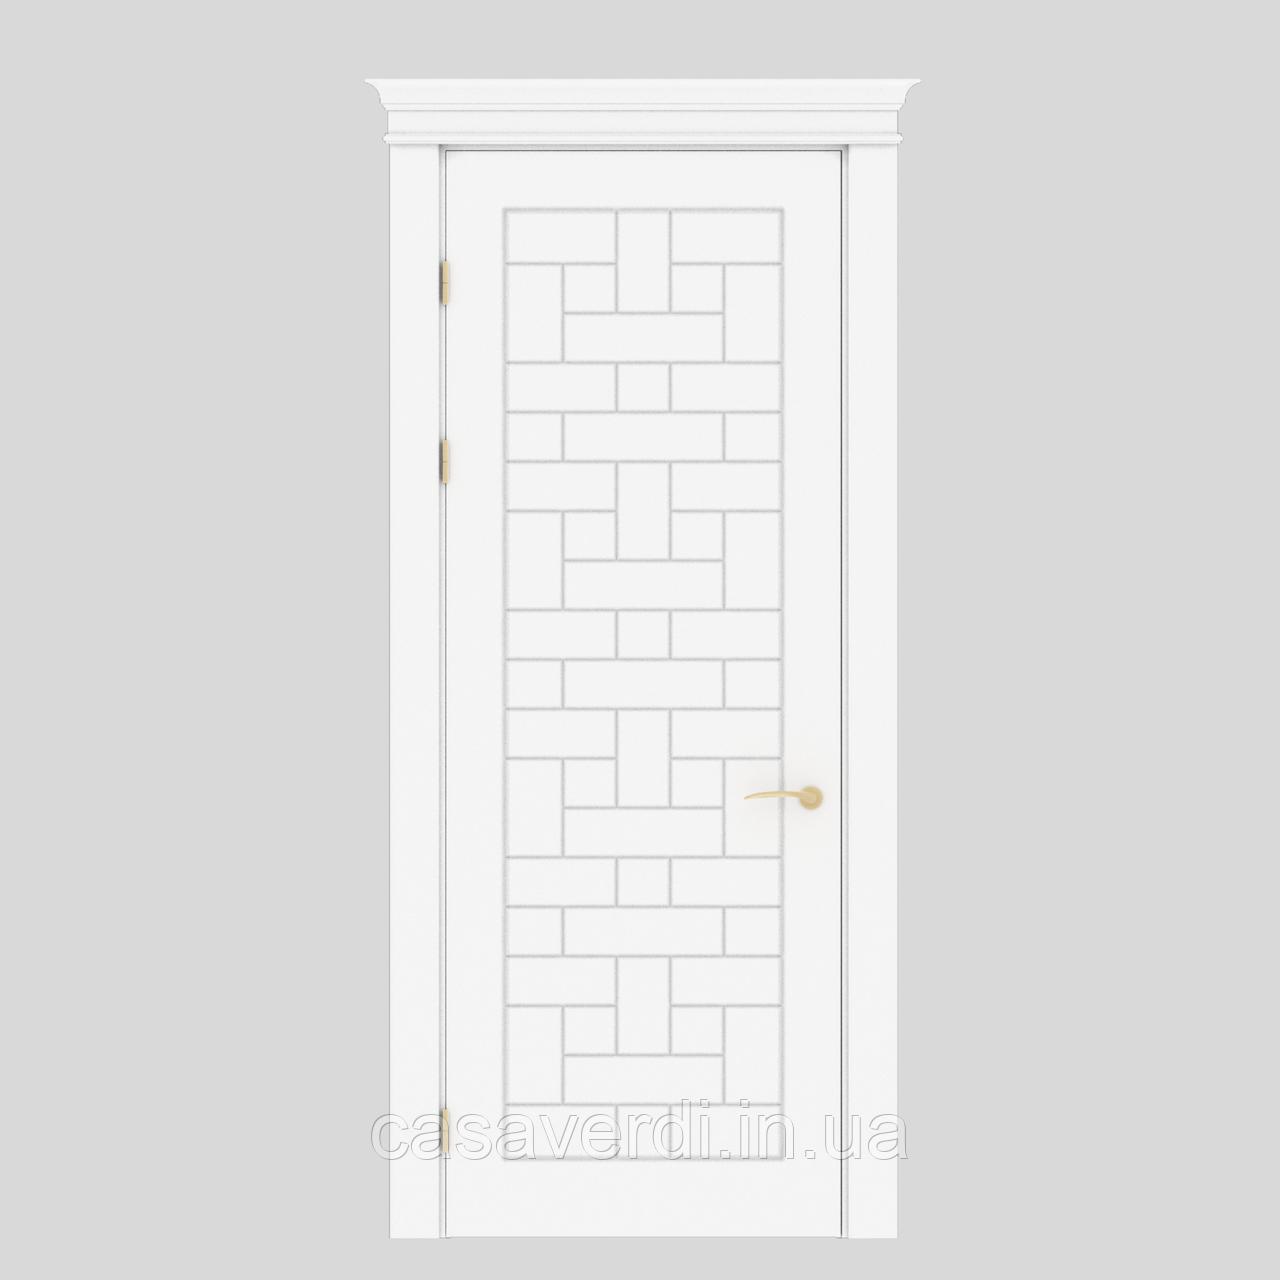 Межкомнатная дверь Casa Verdi Portale 3 МДФ белая с декором